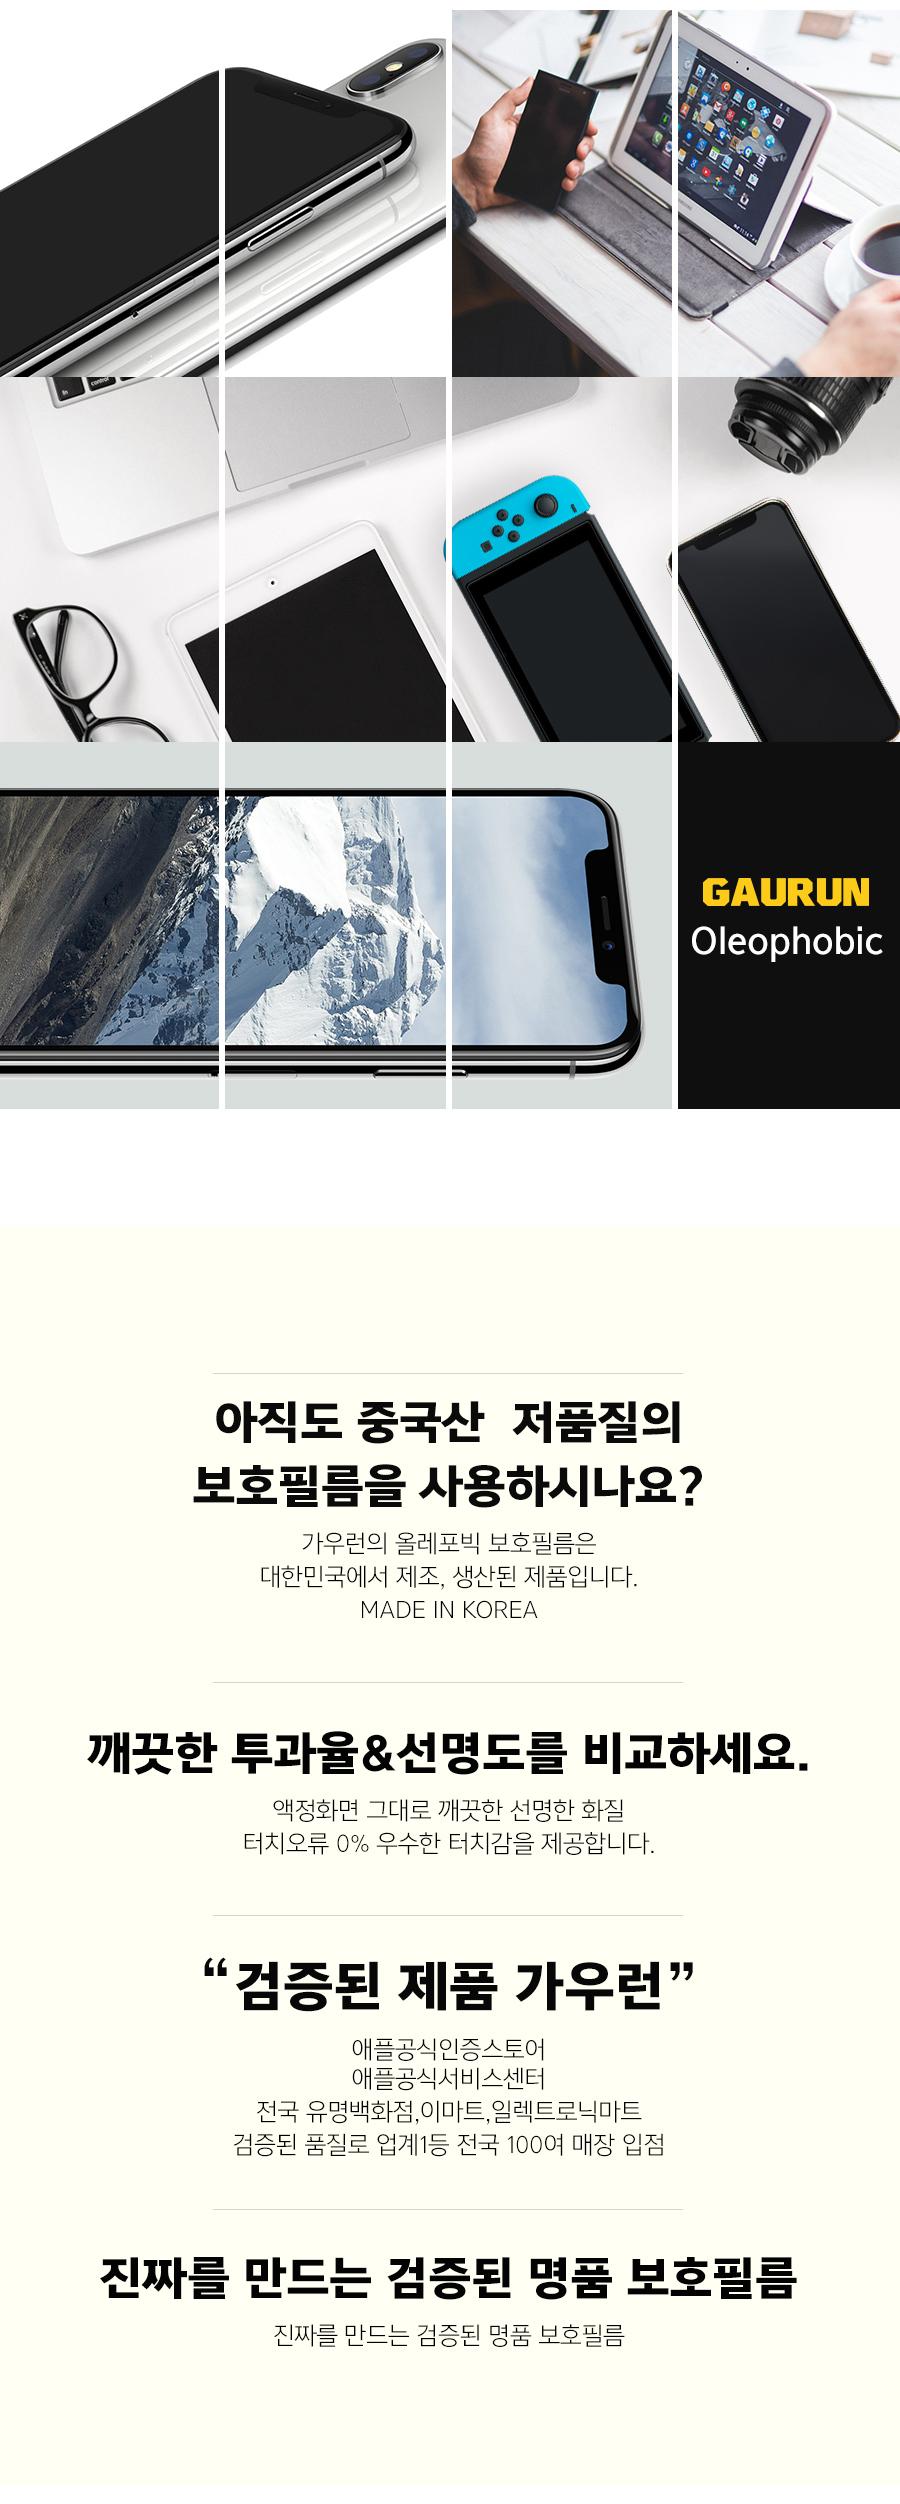 삼성 갤럭시 A80 올레포빅 액정보호필름 1매 + 무광후면 1매 SET - 가우런, 13,900원, 필름/스킨, 기타 갤럭시 제품